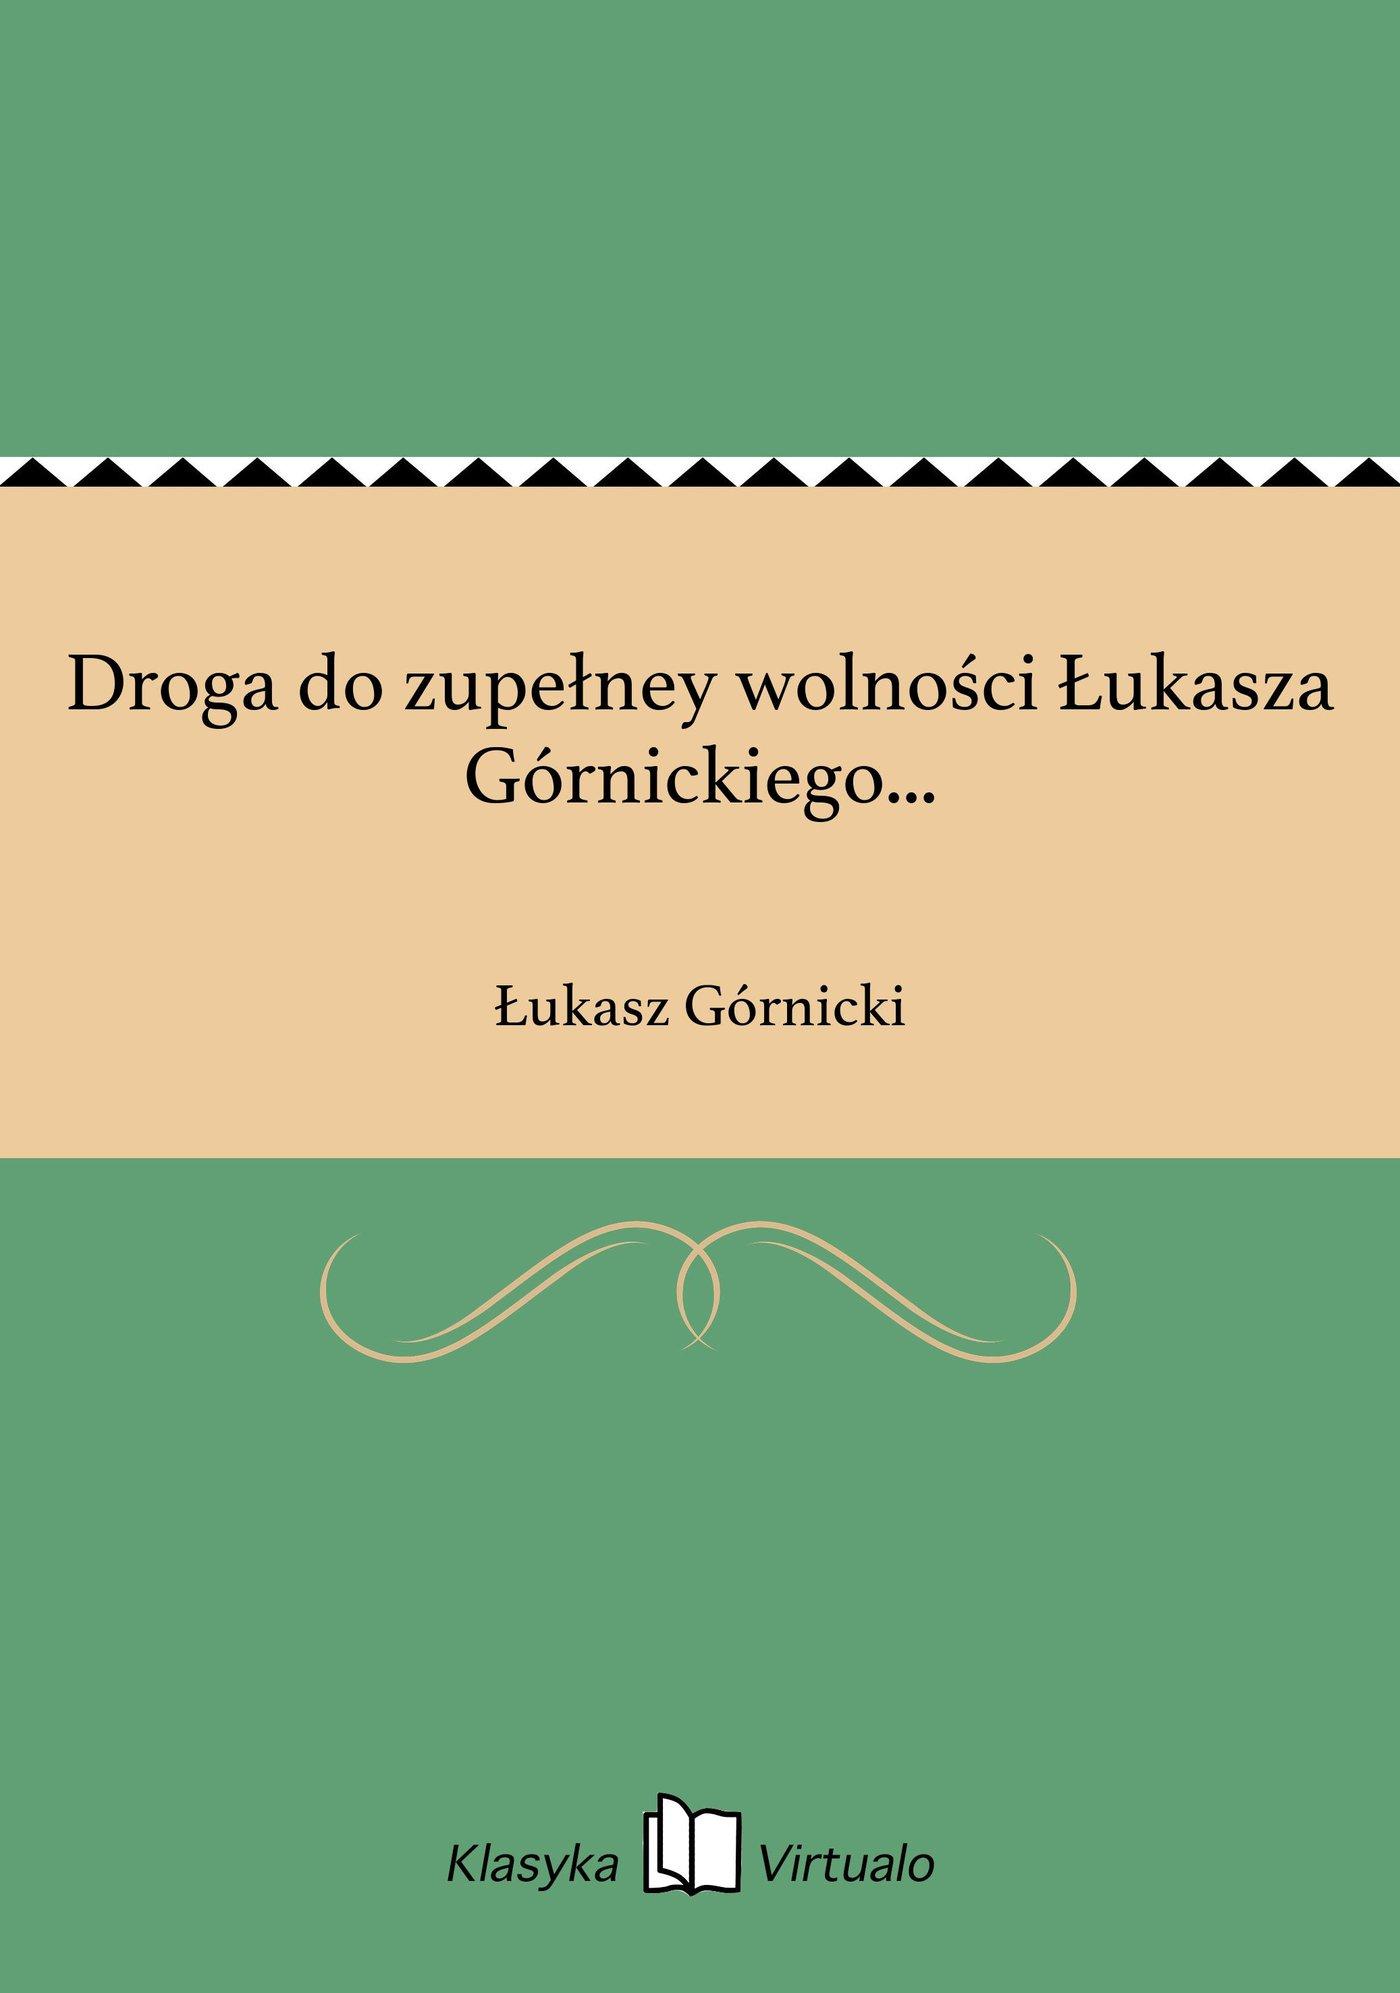 Droga do zupełney wolności Łukasza Górnickiego... - Ebook (Książka EPUB) do pobrania w formacie EPUB